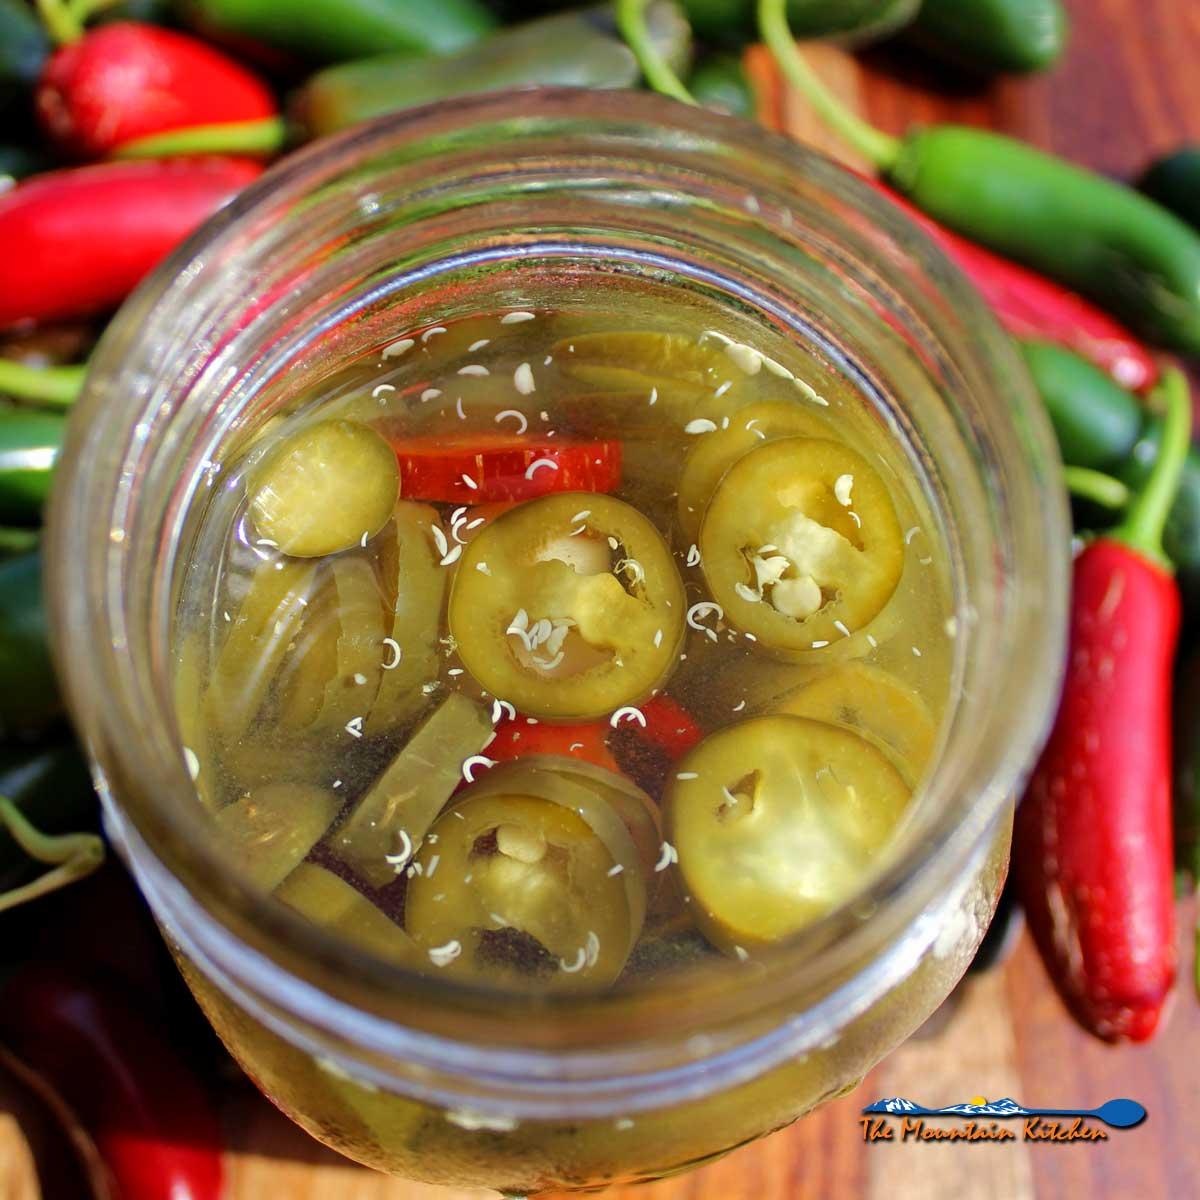 Pickled Jalapenos {Pickle Your Jalapeno Harvest